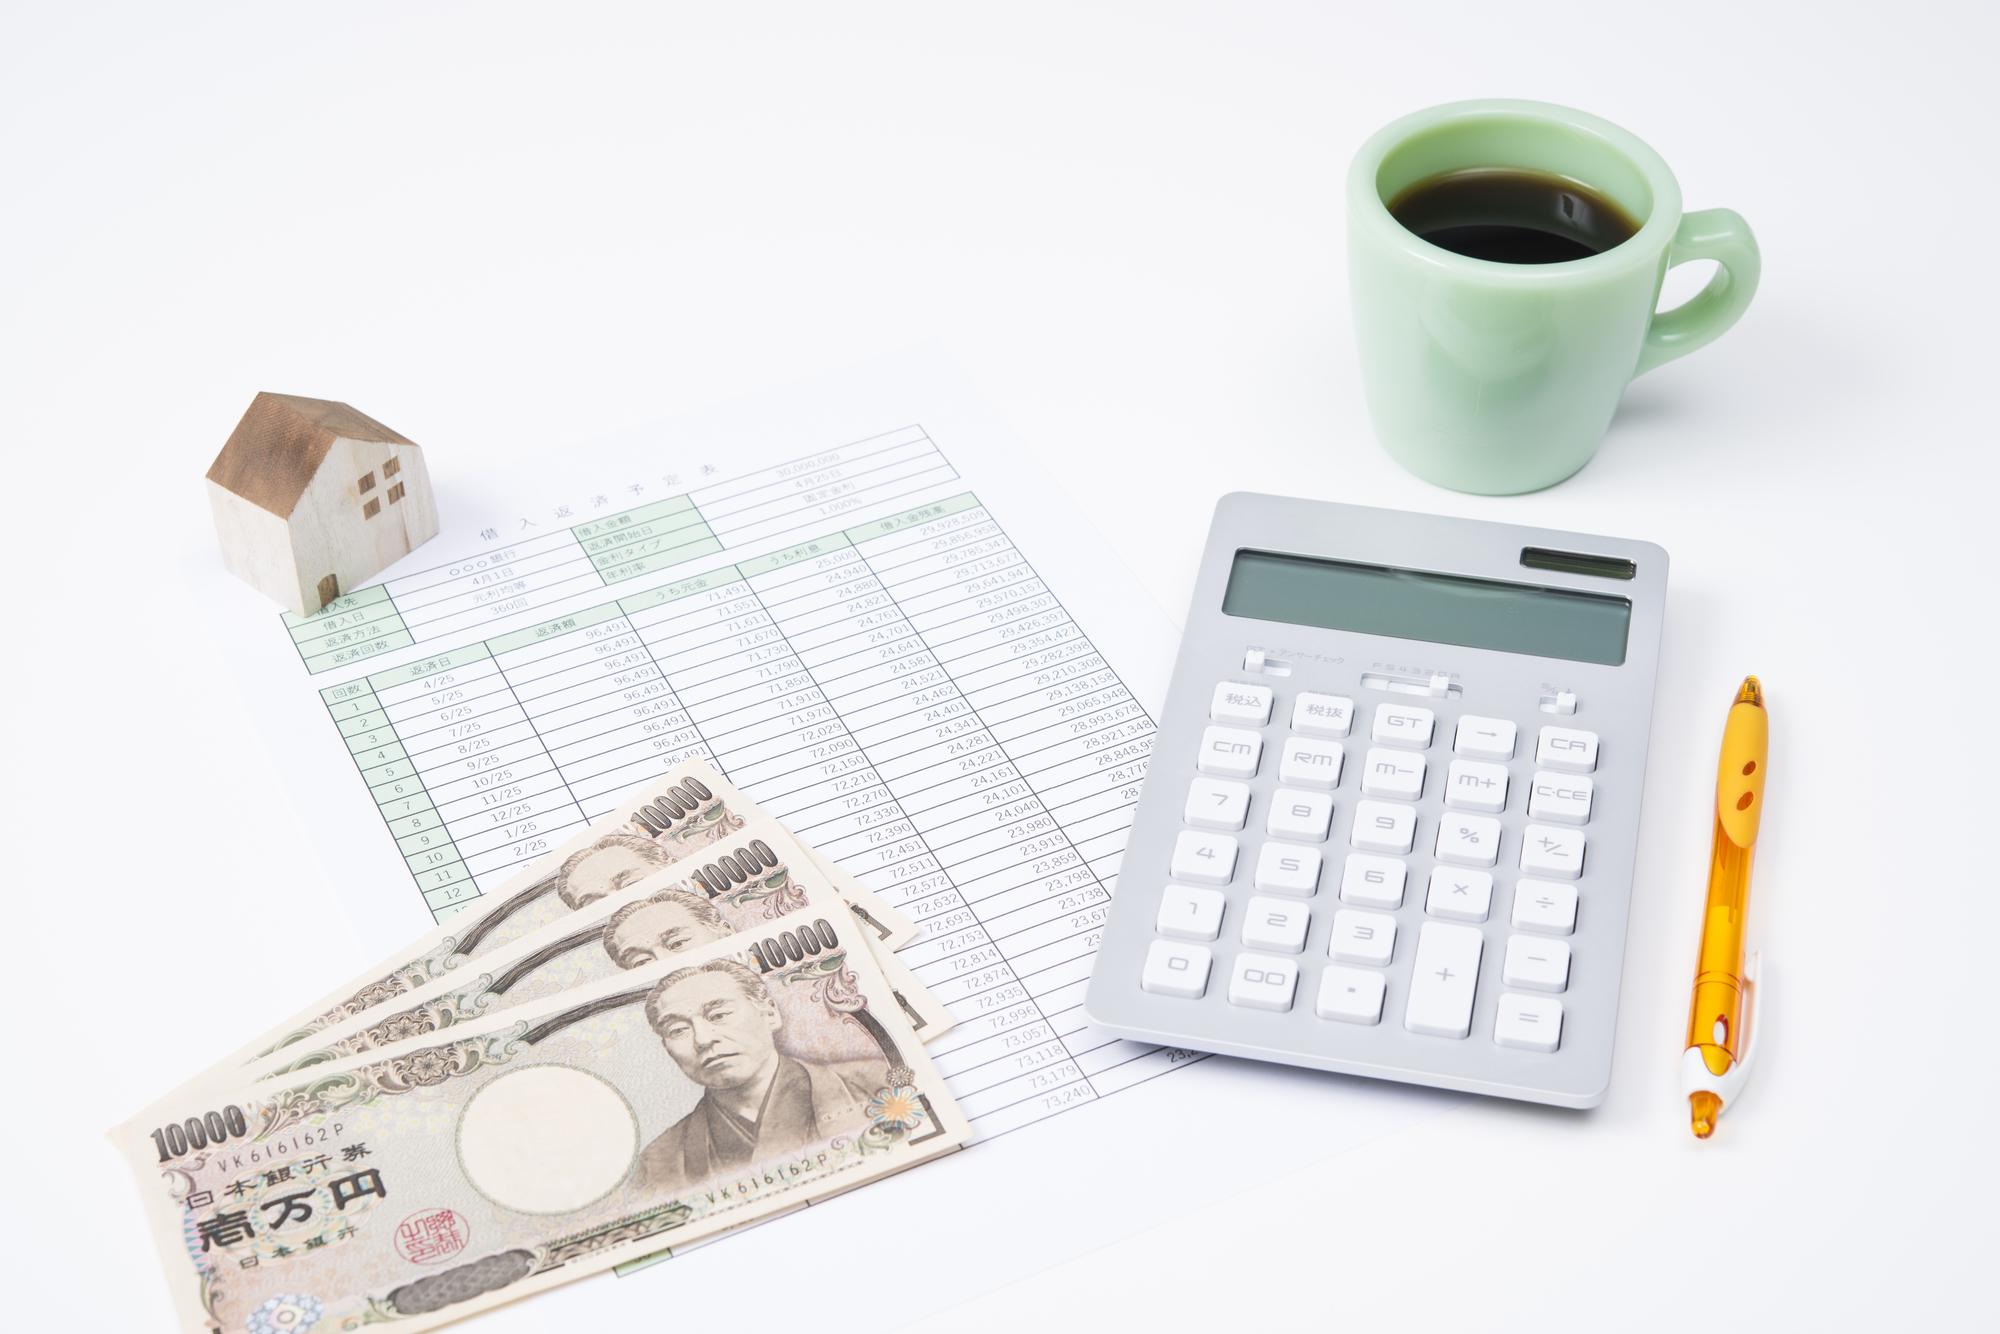 ローンを組むとき頭を悩ます「元利均等」と「元金均等」。どっちがお得?